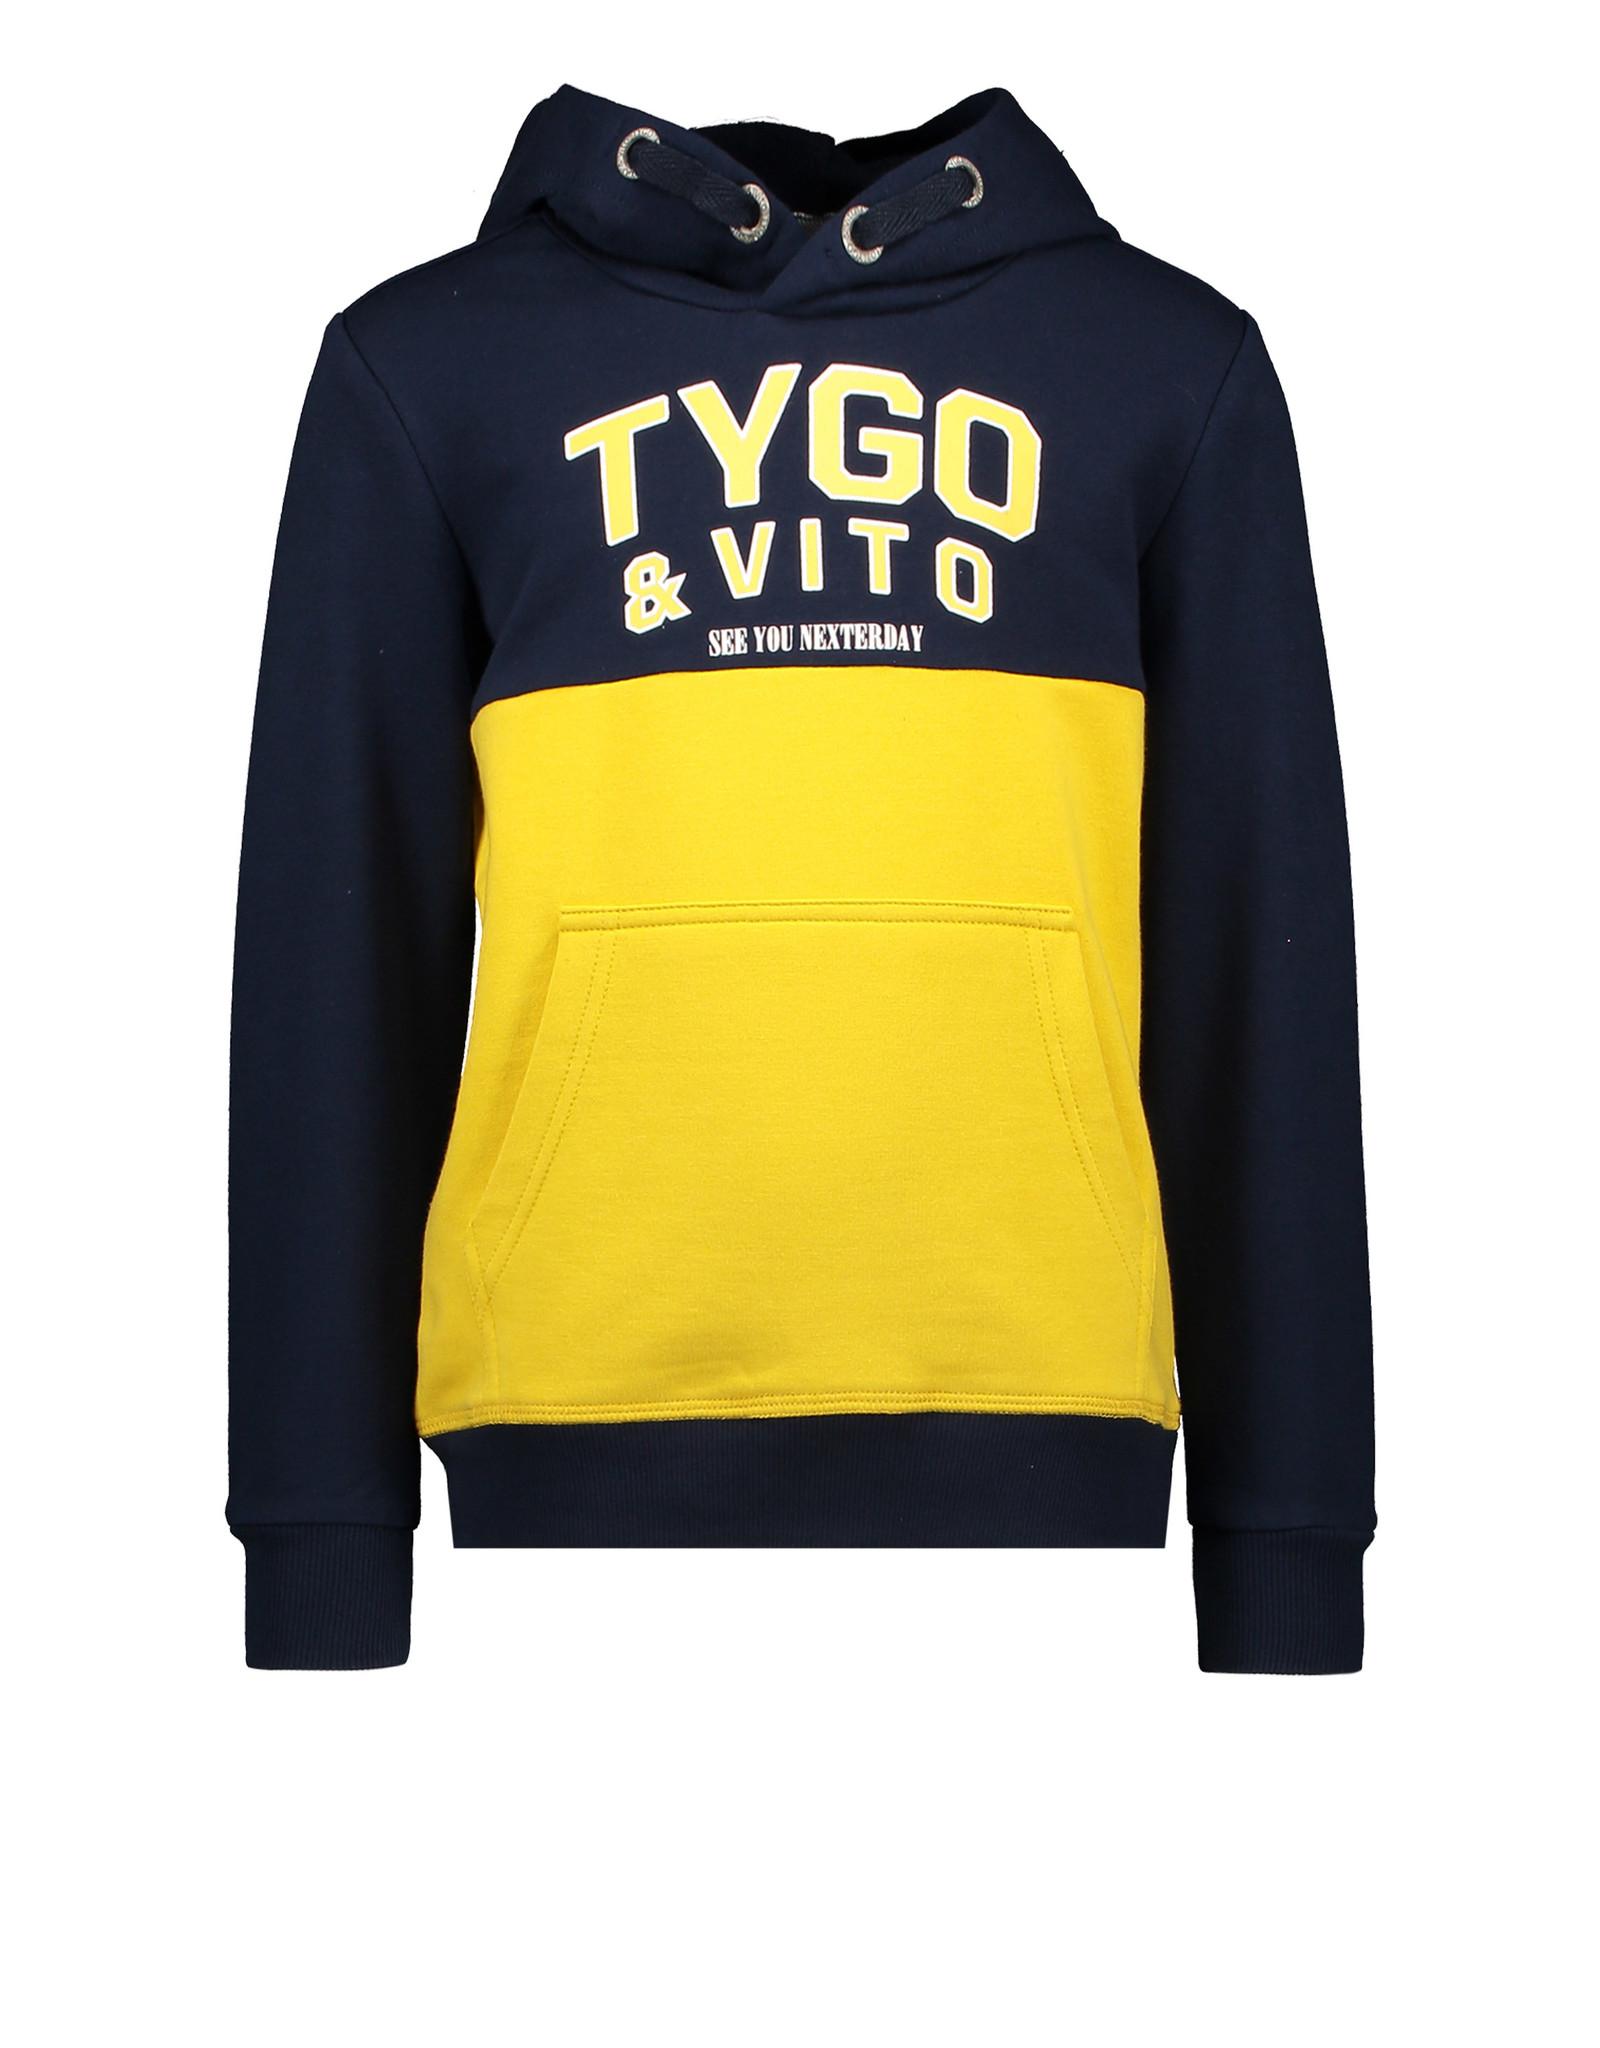 Tygo & Vito T&v hoody cut&sewn